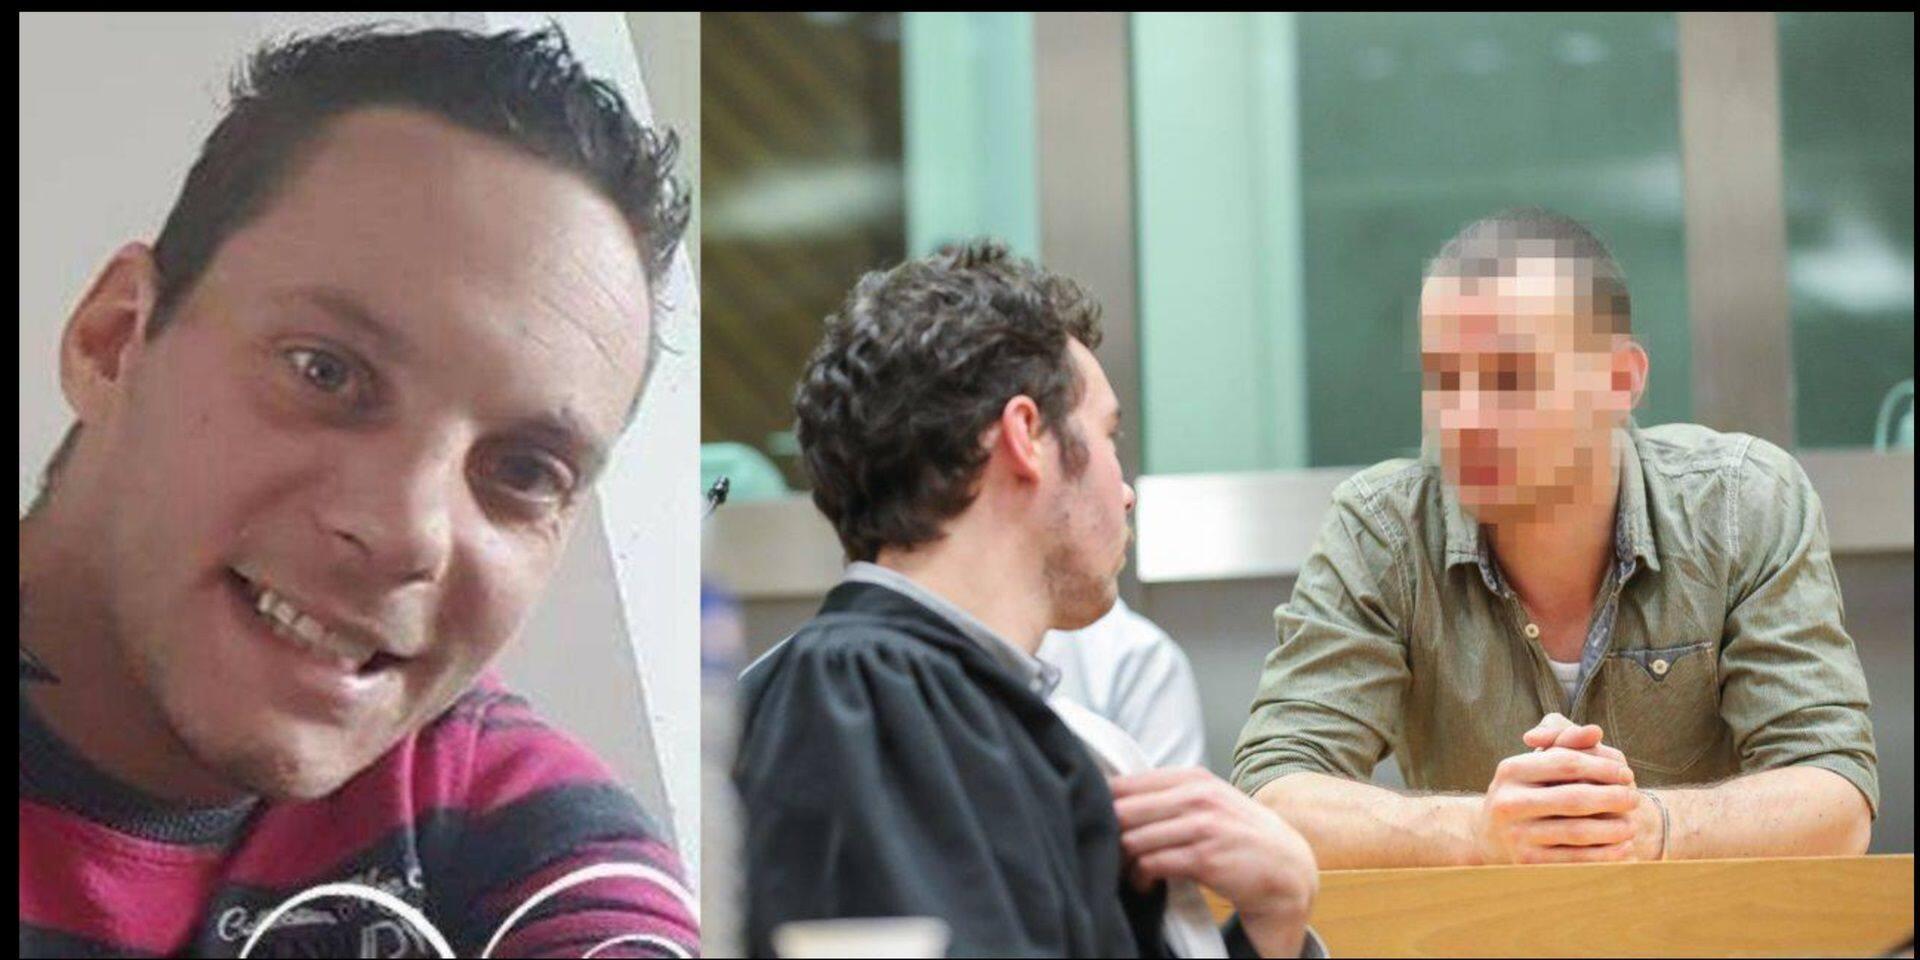 Assises d'Arlon : Giovanni Damilot déclaré coupable du meurtre de Jean-Sébastien Spoiden